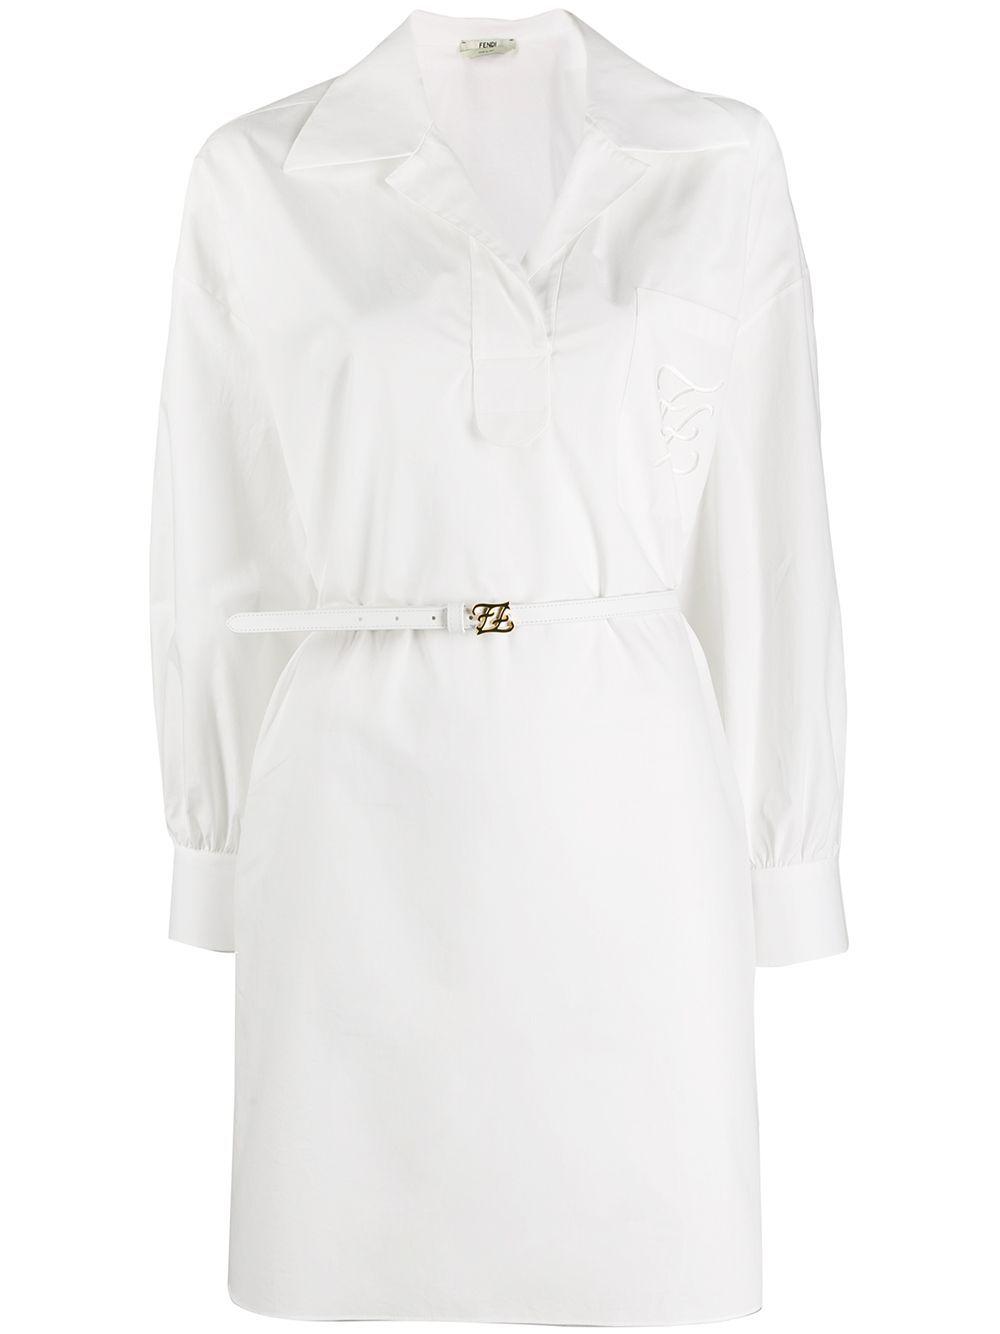 Fendi Karligraphy Motif Asymmetric Shirt Dress Farfetch Fendi Dress White Cotton Shirt Dress Fendi Clothing [ 1334 x 1000 Pixel ]